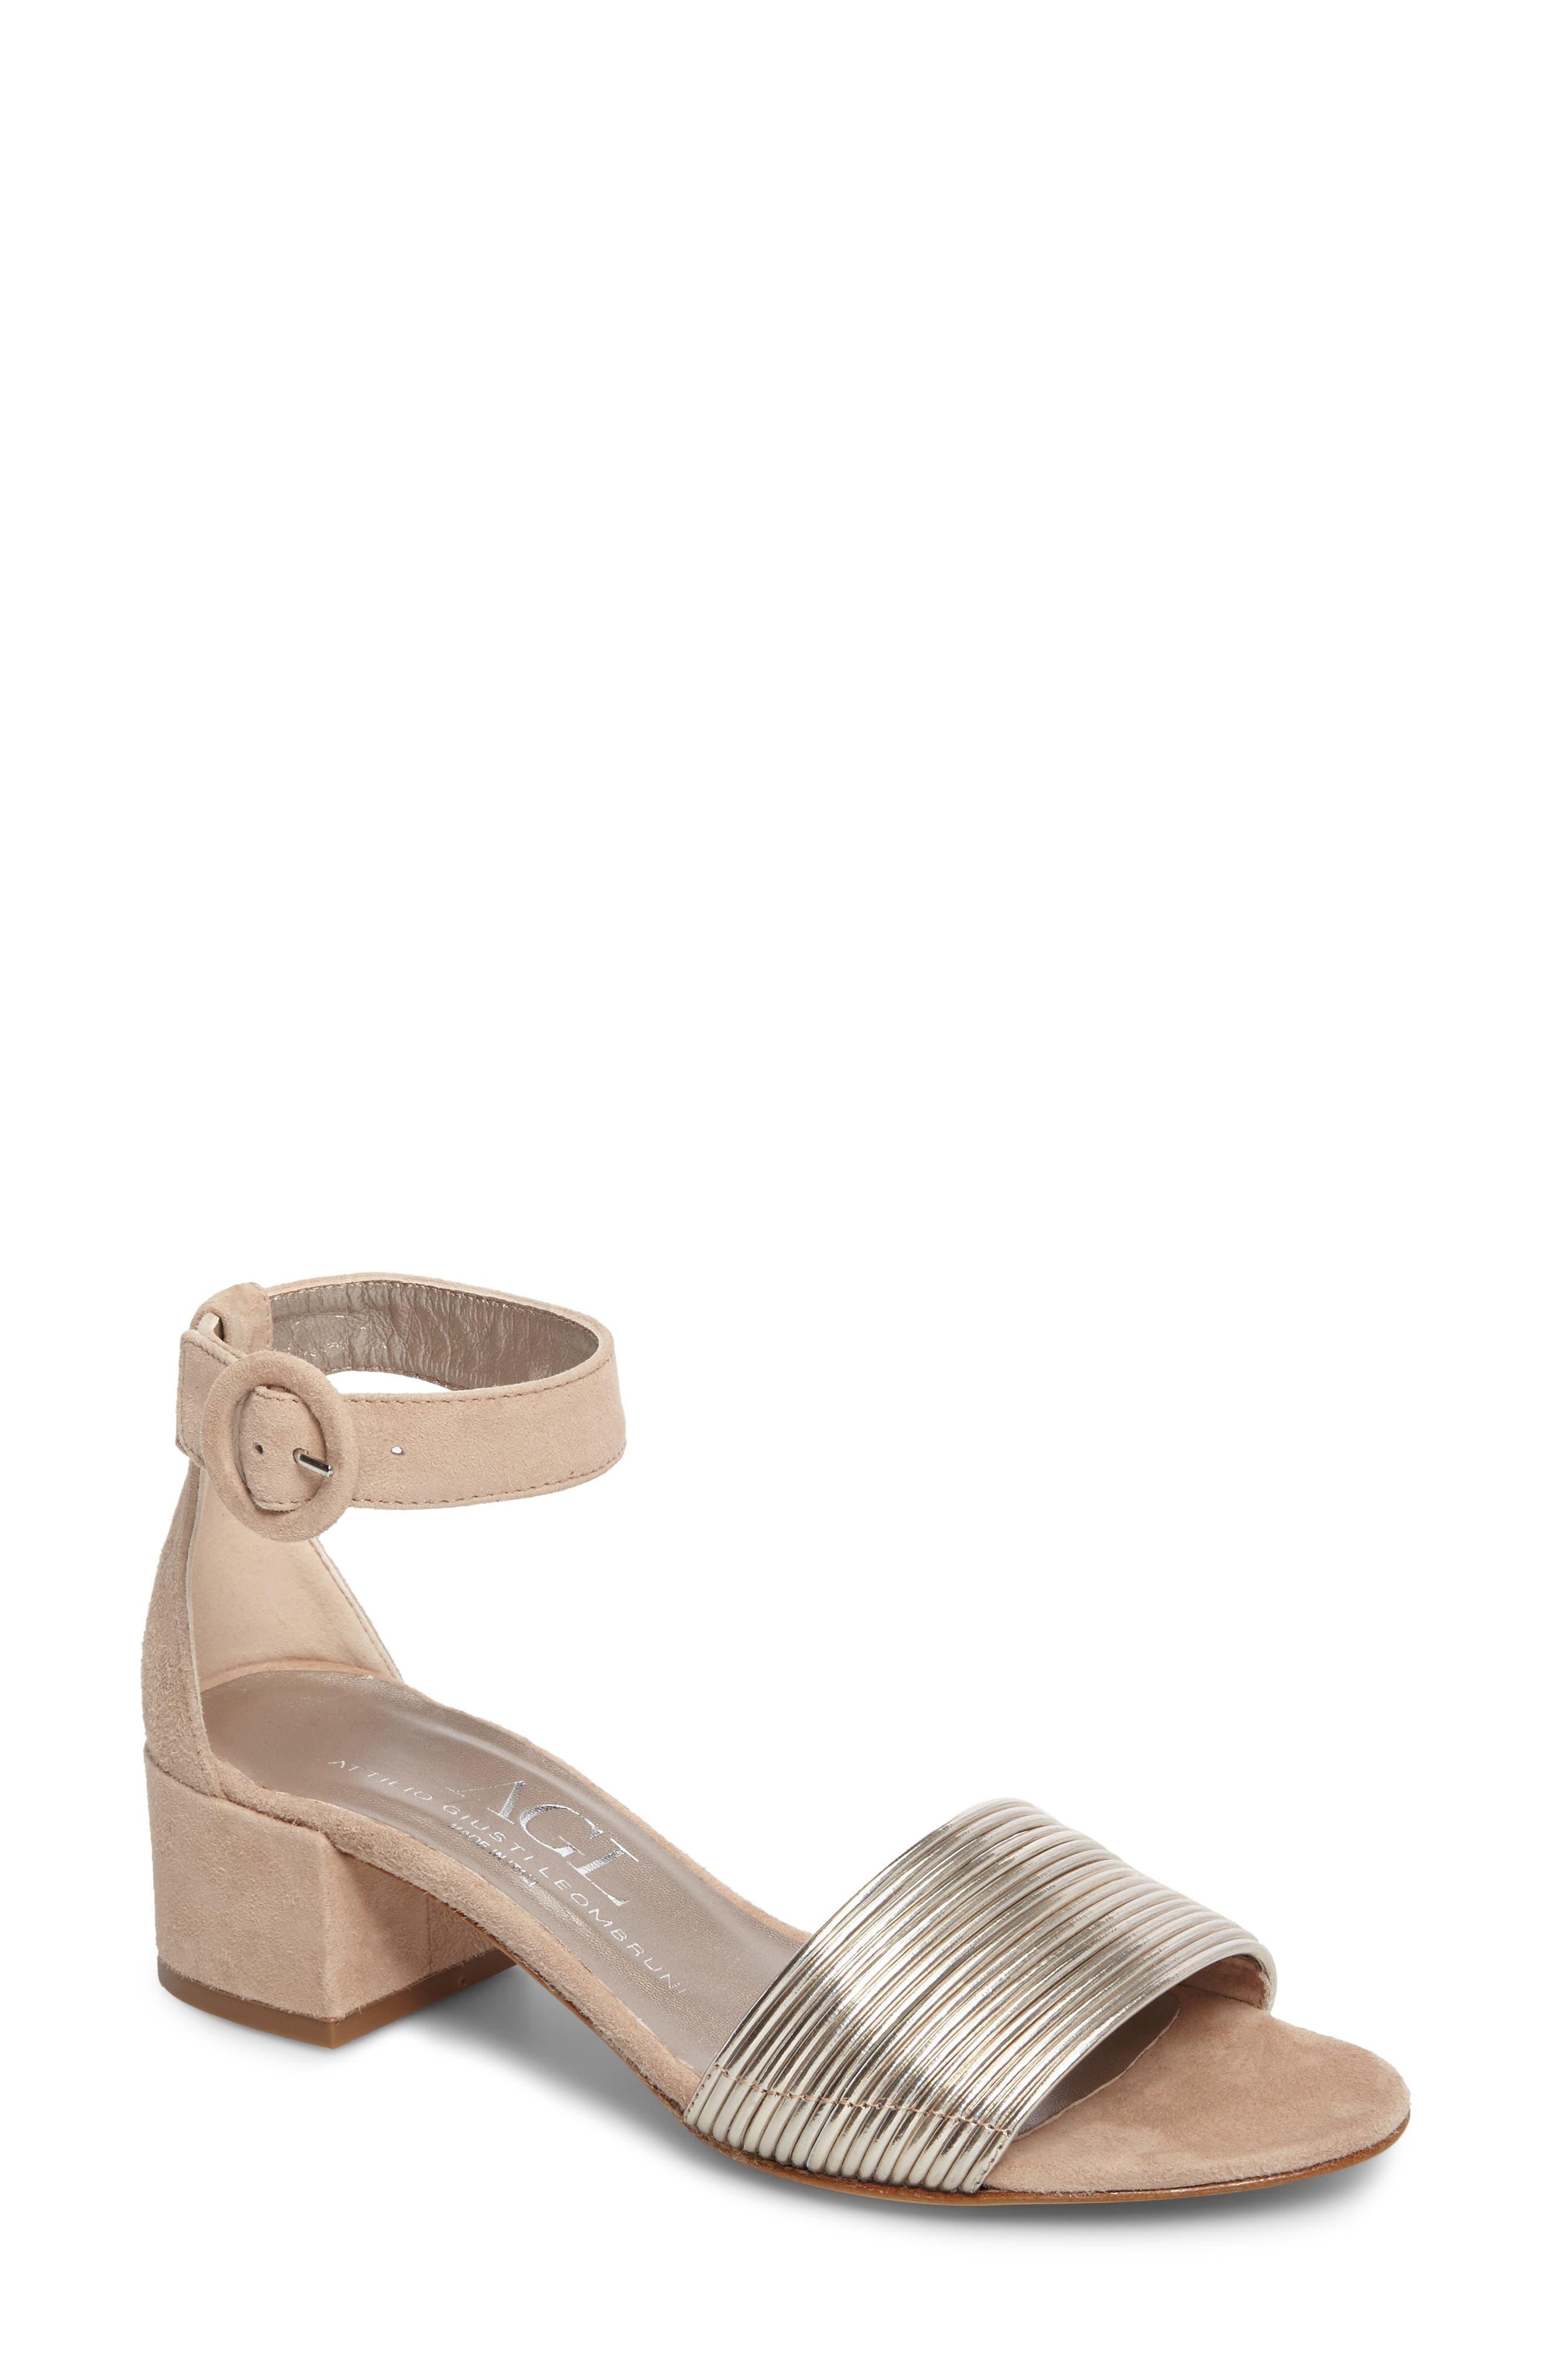 AGL, Ankle Strap Sandal, Main thumbnail 1, color, PLATINUM SUEDE